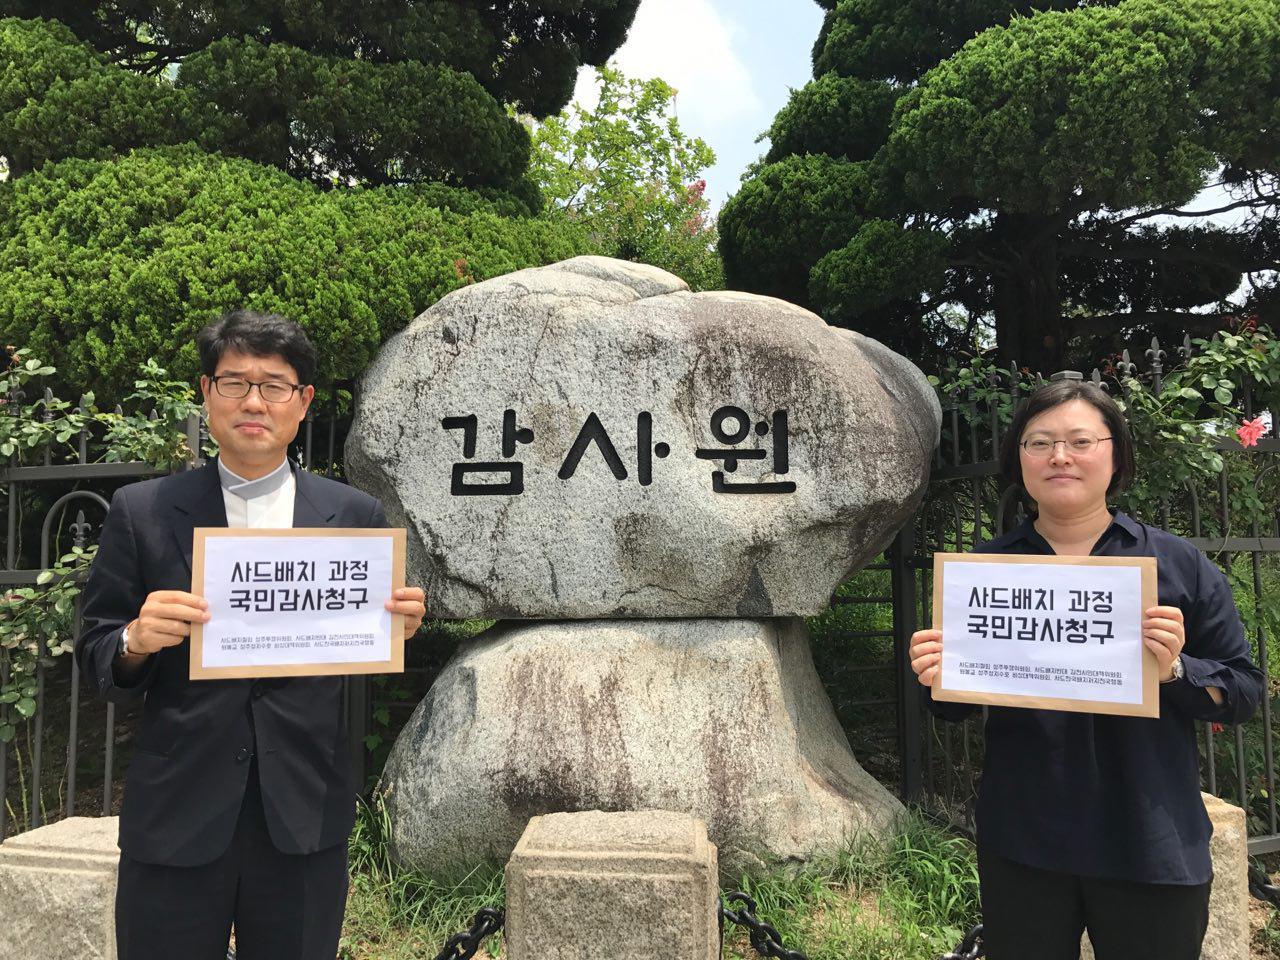 사드저지전국행동은 박근혜 정부의 사드 배치 협의, 결정, 집행 과정 전반과 불법성에 대해 감사원에 국민감사청구를 했다